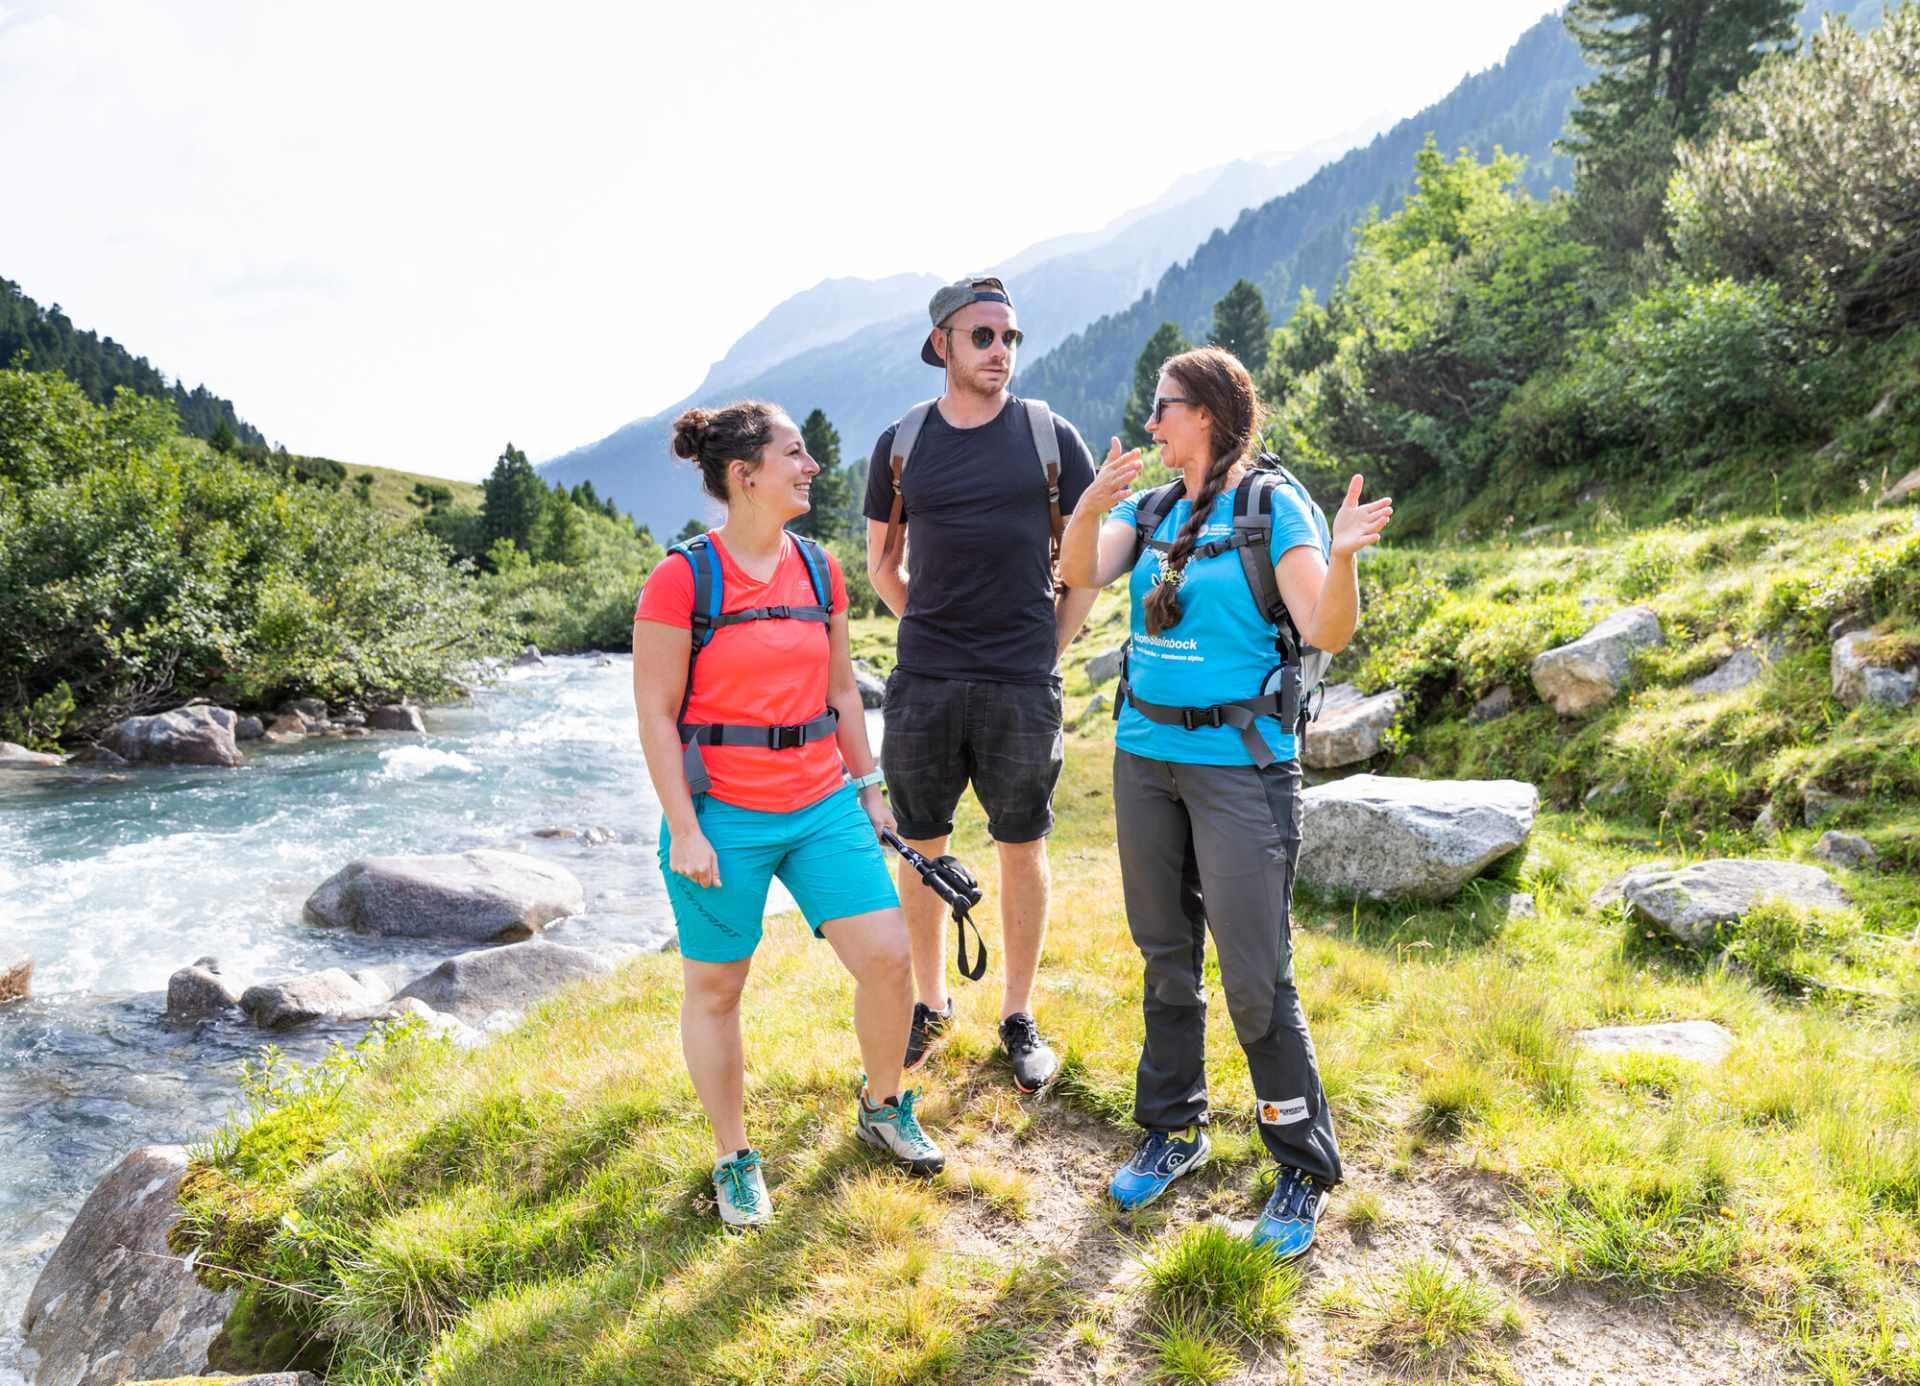 Geführte Wanderungen im Naturpark Zillertal - Tipps vom Profi